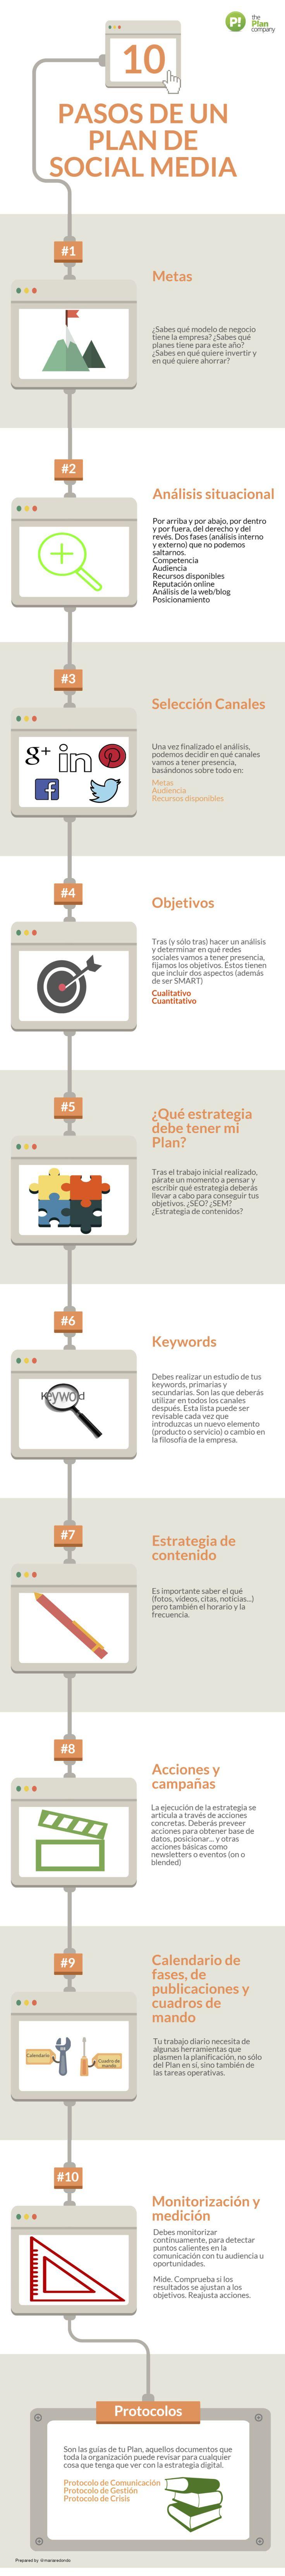 10 pasos para un Plan de Redes Sociales #infografia #infographic #socialmedia